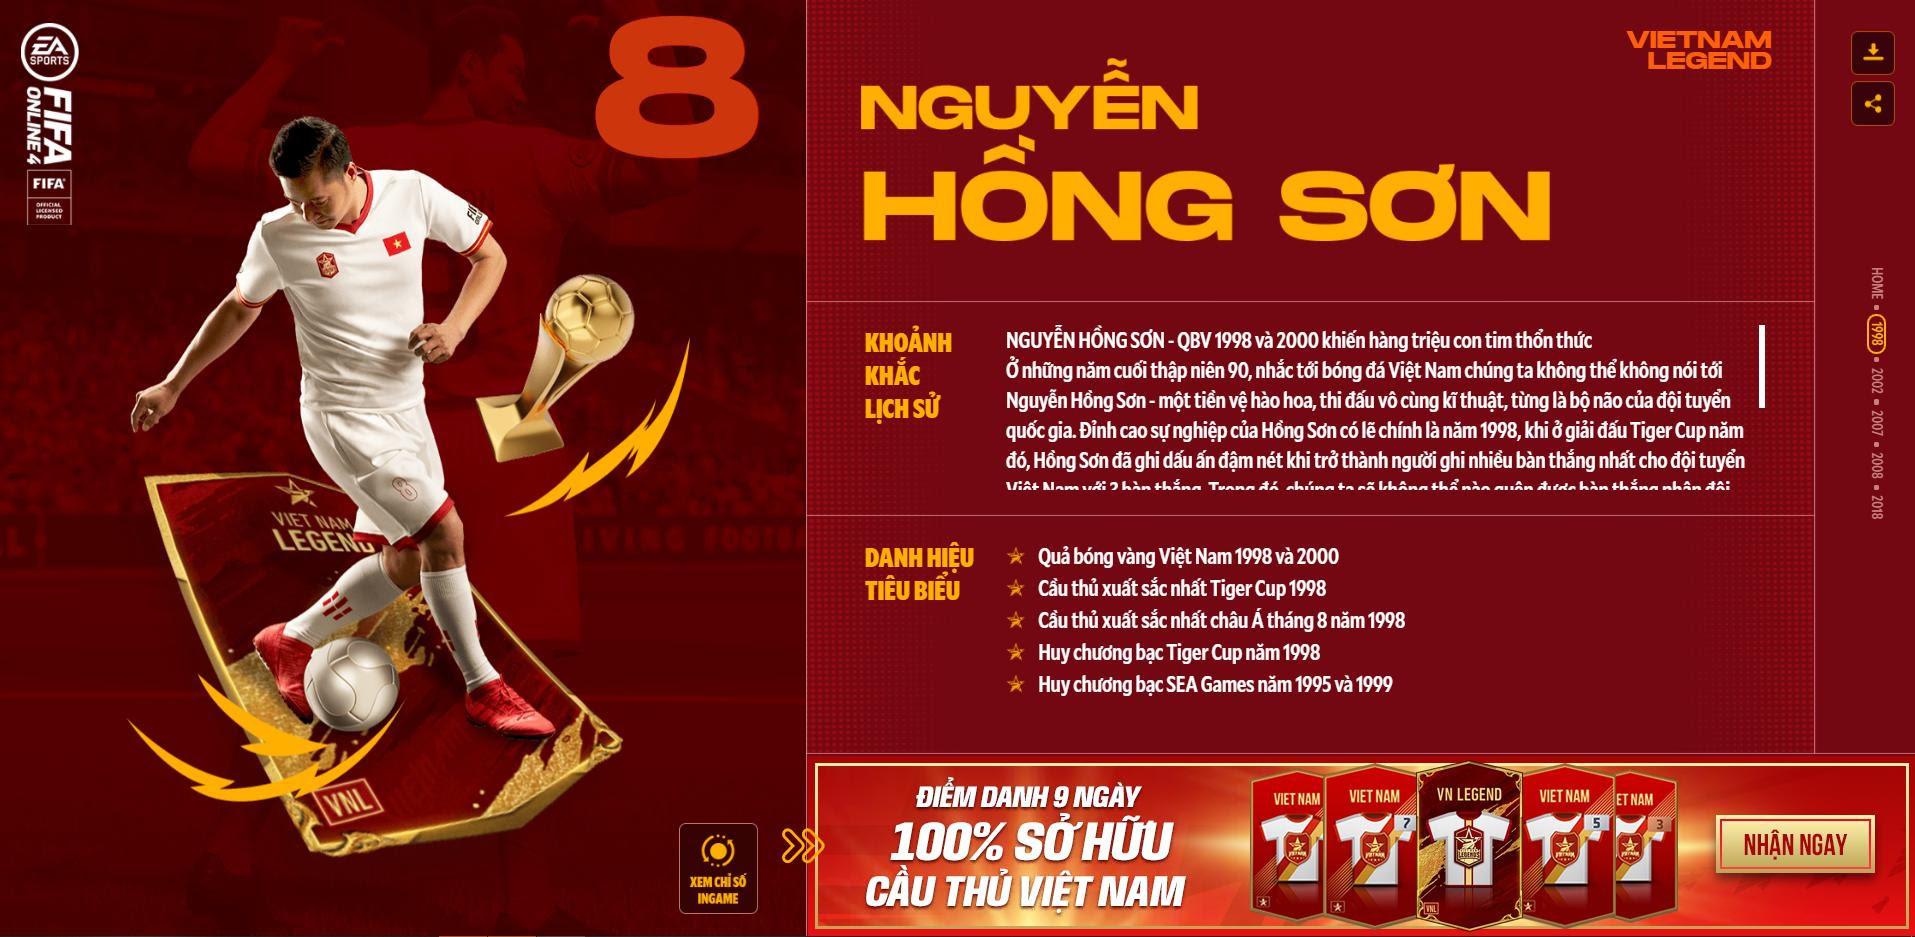 Các huyền thoại bóng đá Việt Nam bất ngờ xuất hiện trong Fifa Online 4 - Ảnh 1.